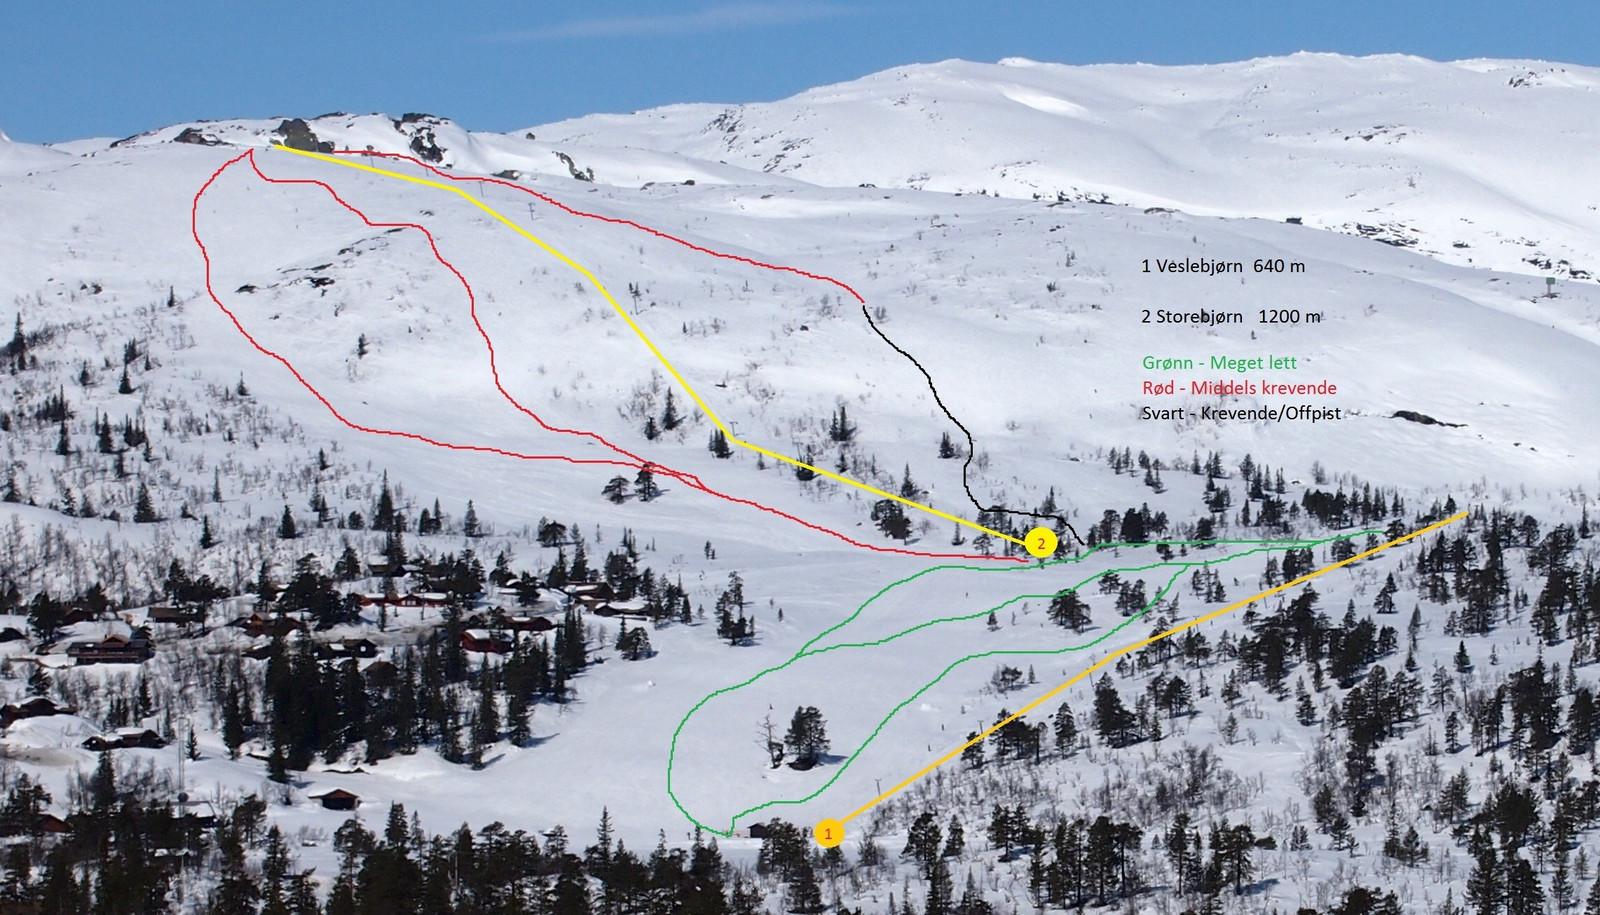 Bilde fra alpinanlegget. Tomte området ligger til venstre for alpinbakken.